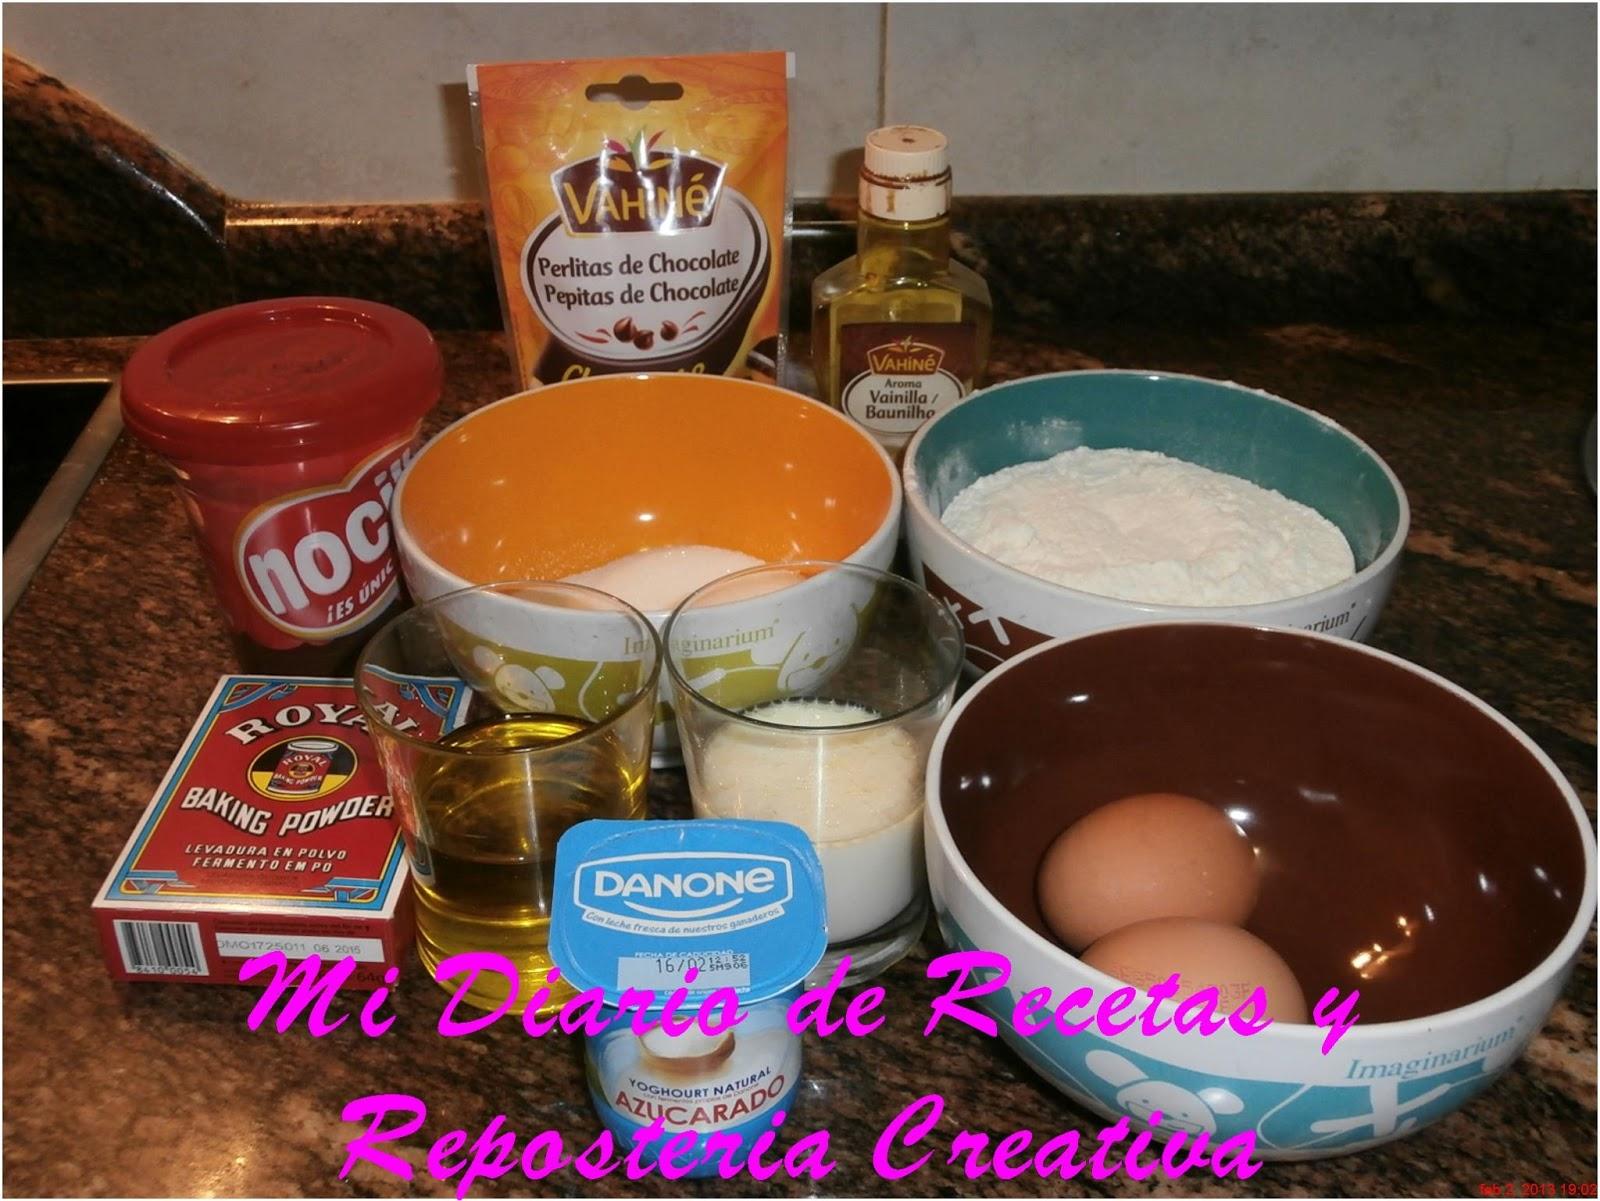 Mi diario de recetas y reposteria creativa muffins de - Ingredientes reposteria creativa ...